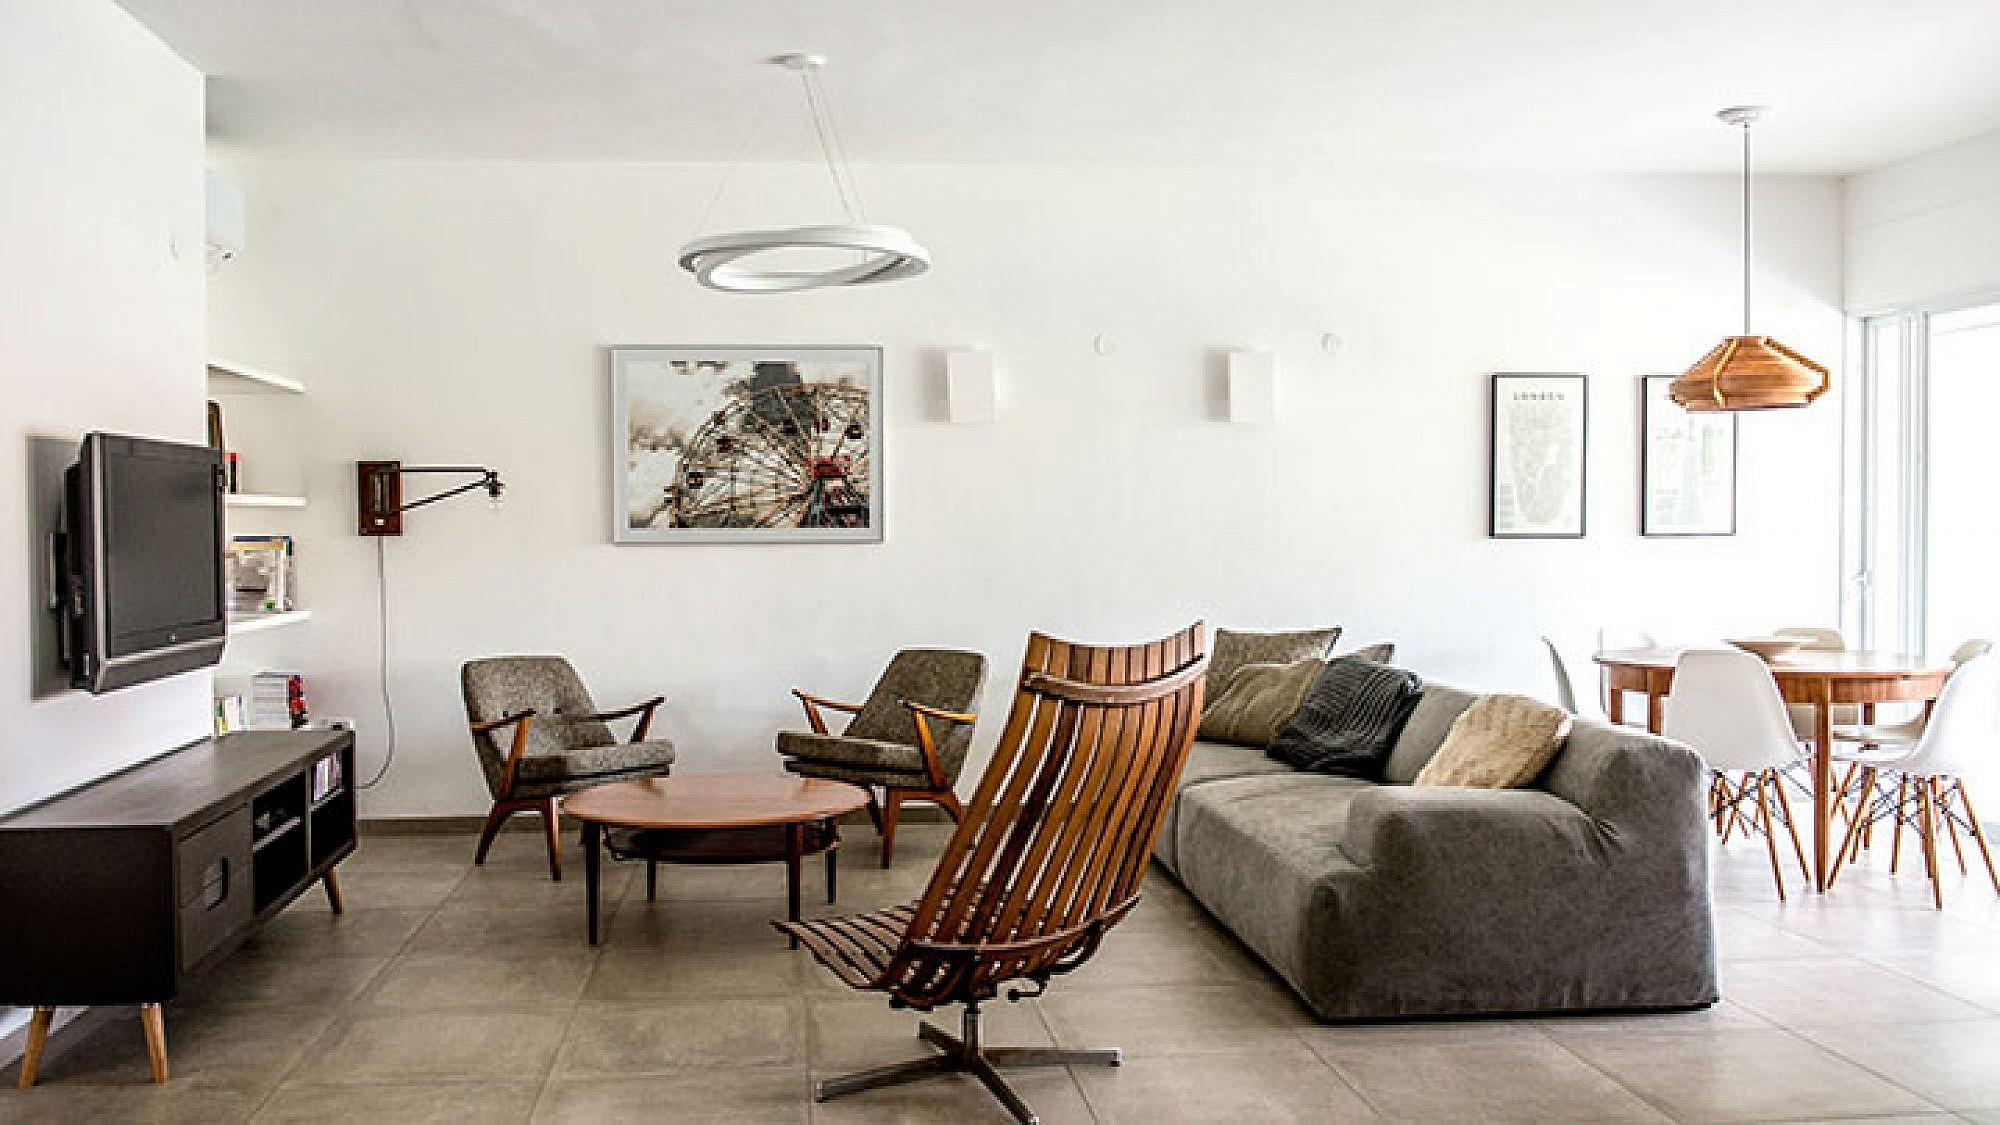 פסיפס אקלקטי של רהיטים ופריטי עיצוב בגוונים מונוכרומטיים יוצרים חלל ציבורי נעים ומתוחכם הכולל את הסלון ואת פינת האוכל | צילום: סיון אסקיו